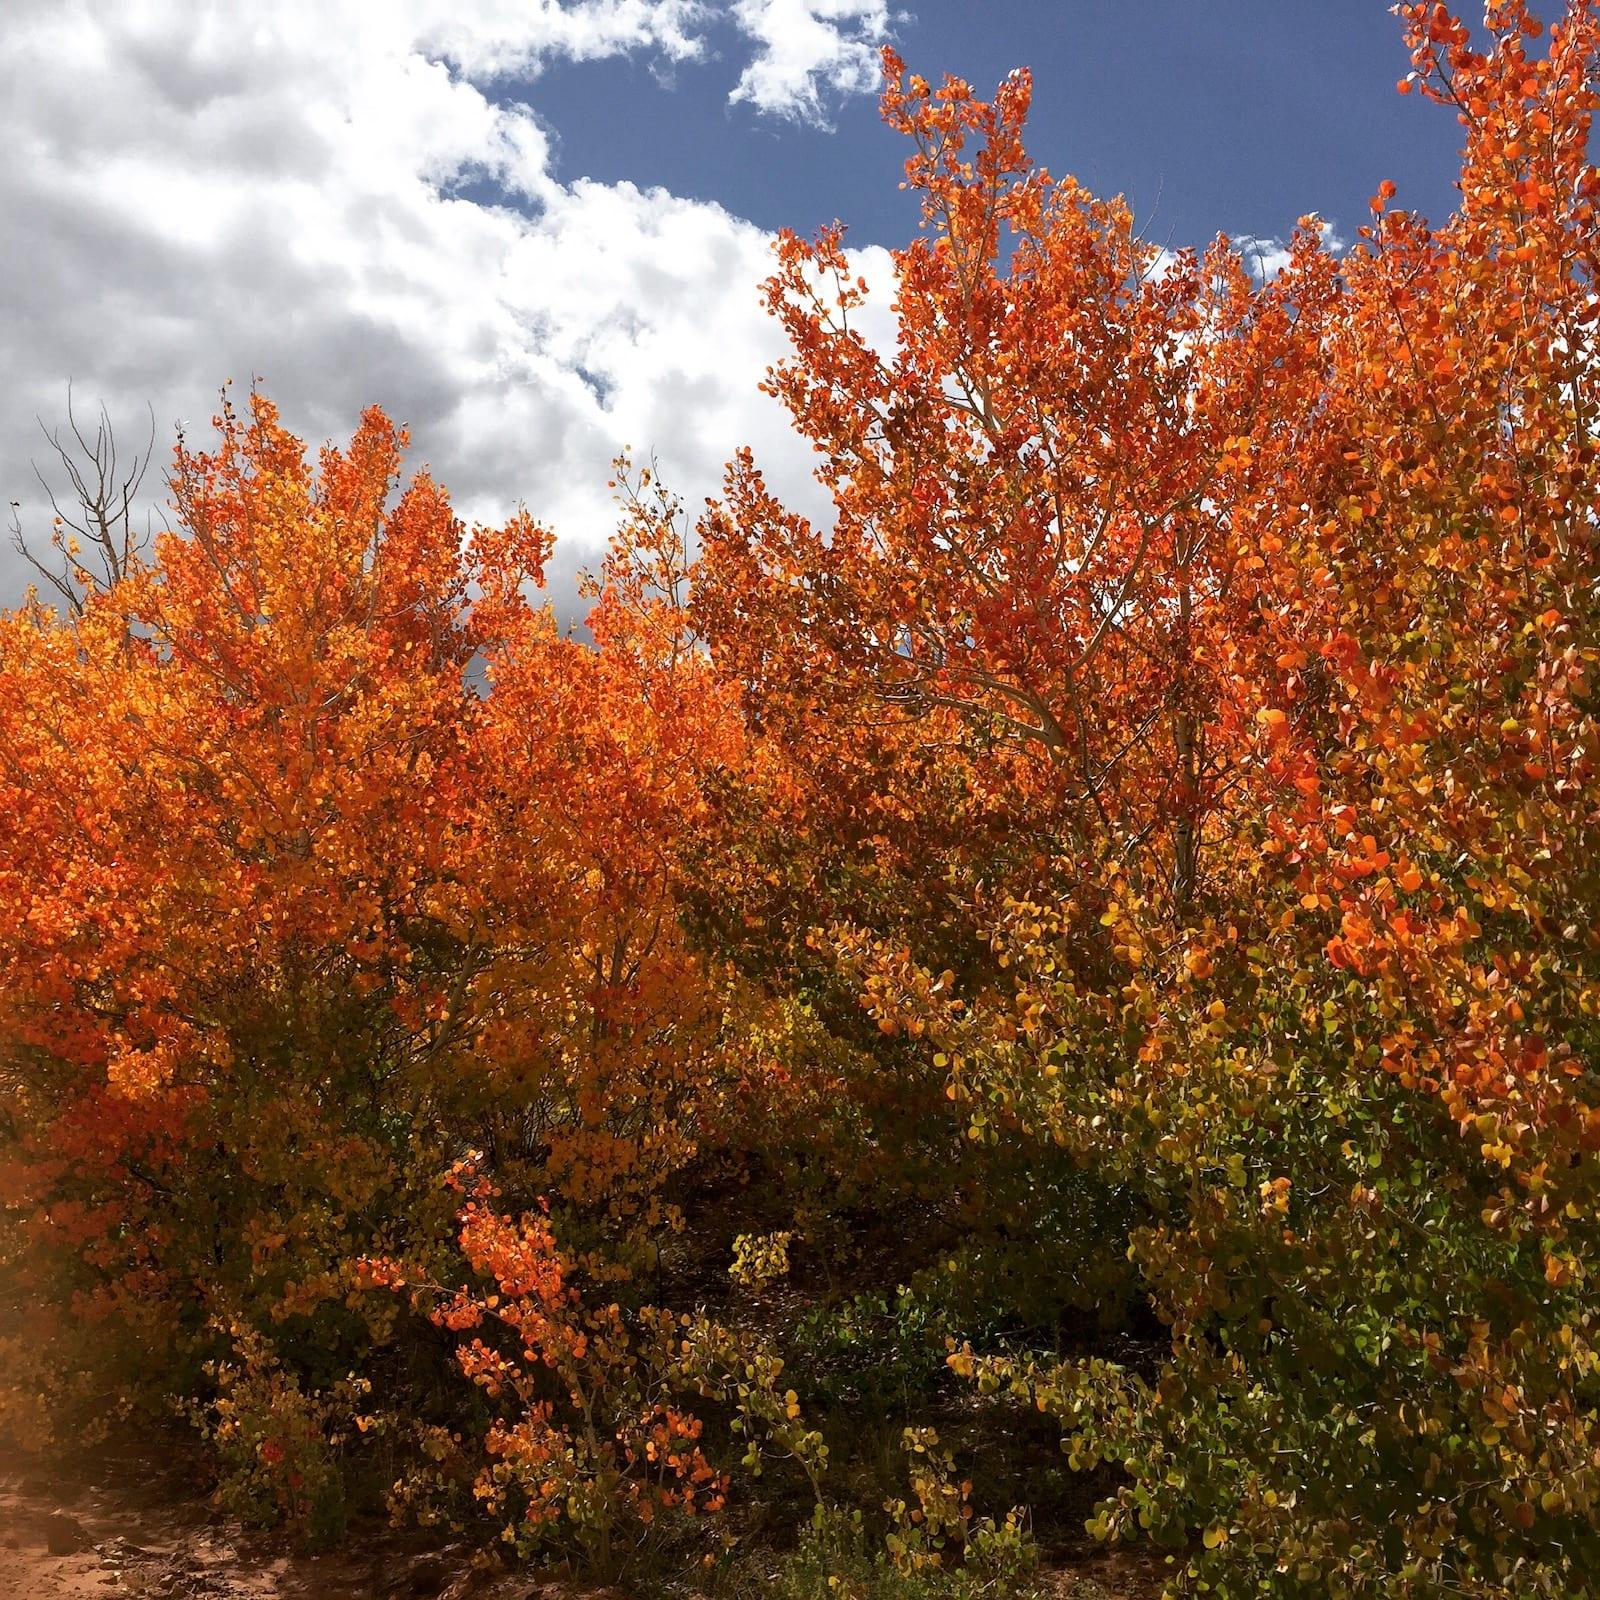 South Park Colorado Fall Colors Red Aspens